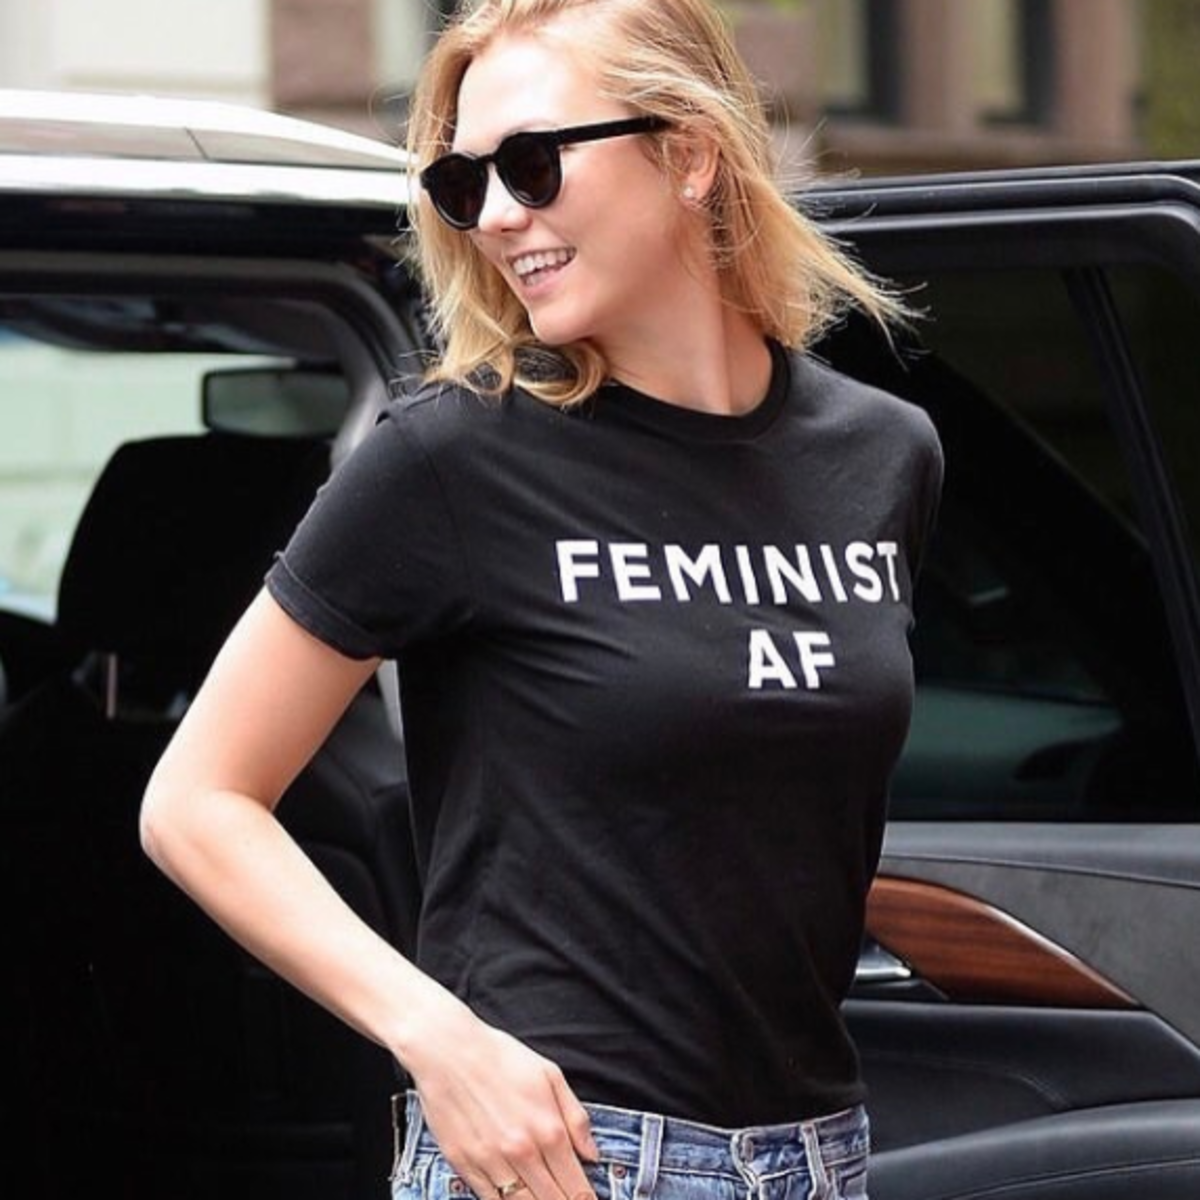 Jonathan Simkhai feminist T-shirt